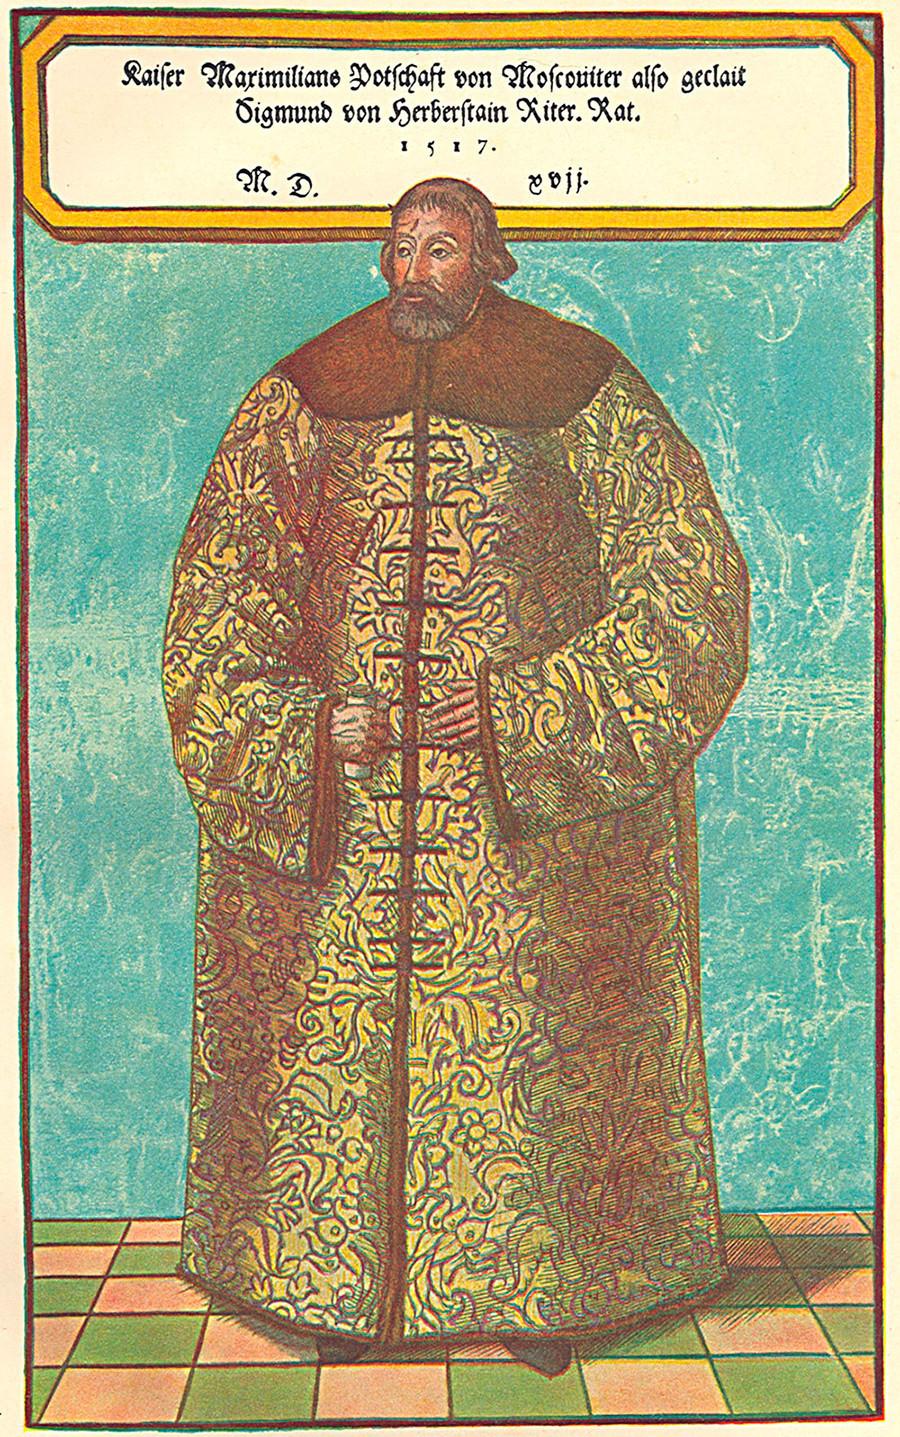 Sigismundo von Herberstein (1486-1566)